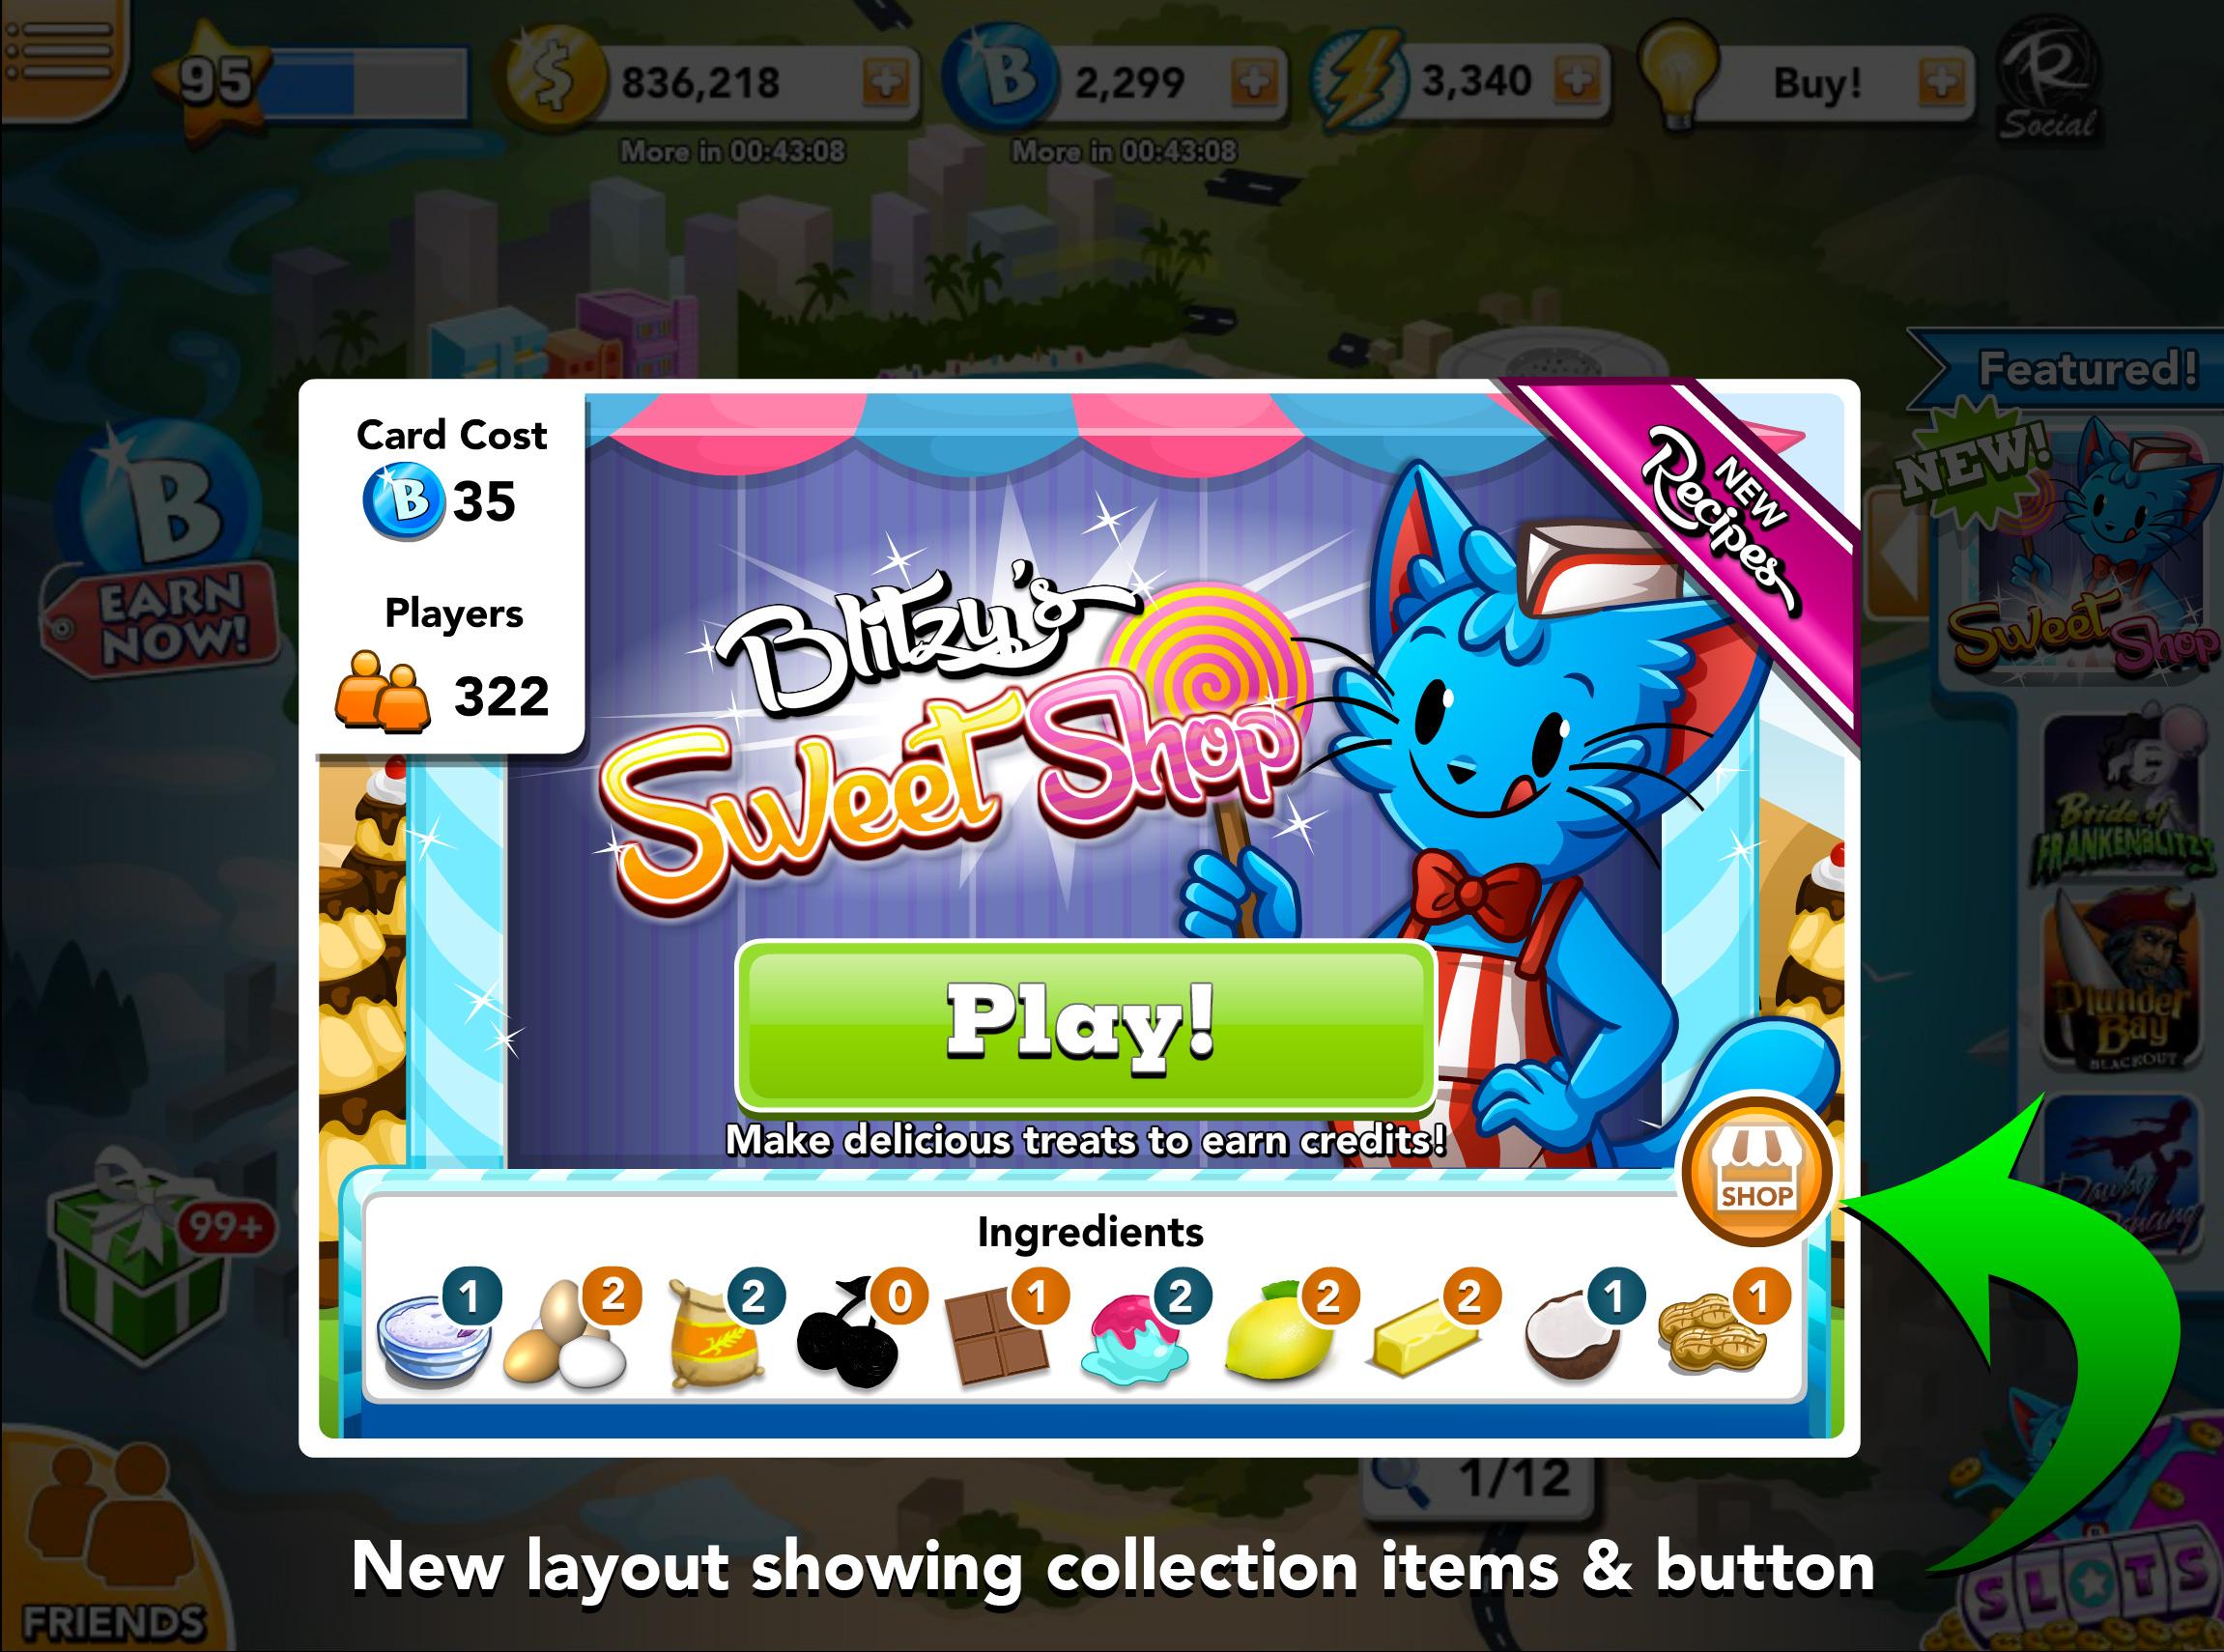 SweetShop_Postcard.jpg